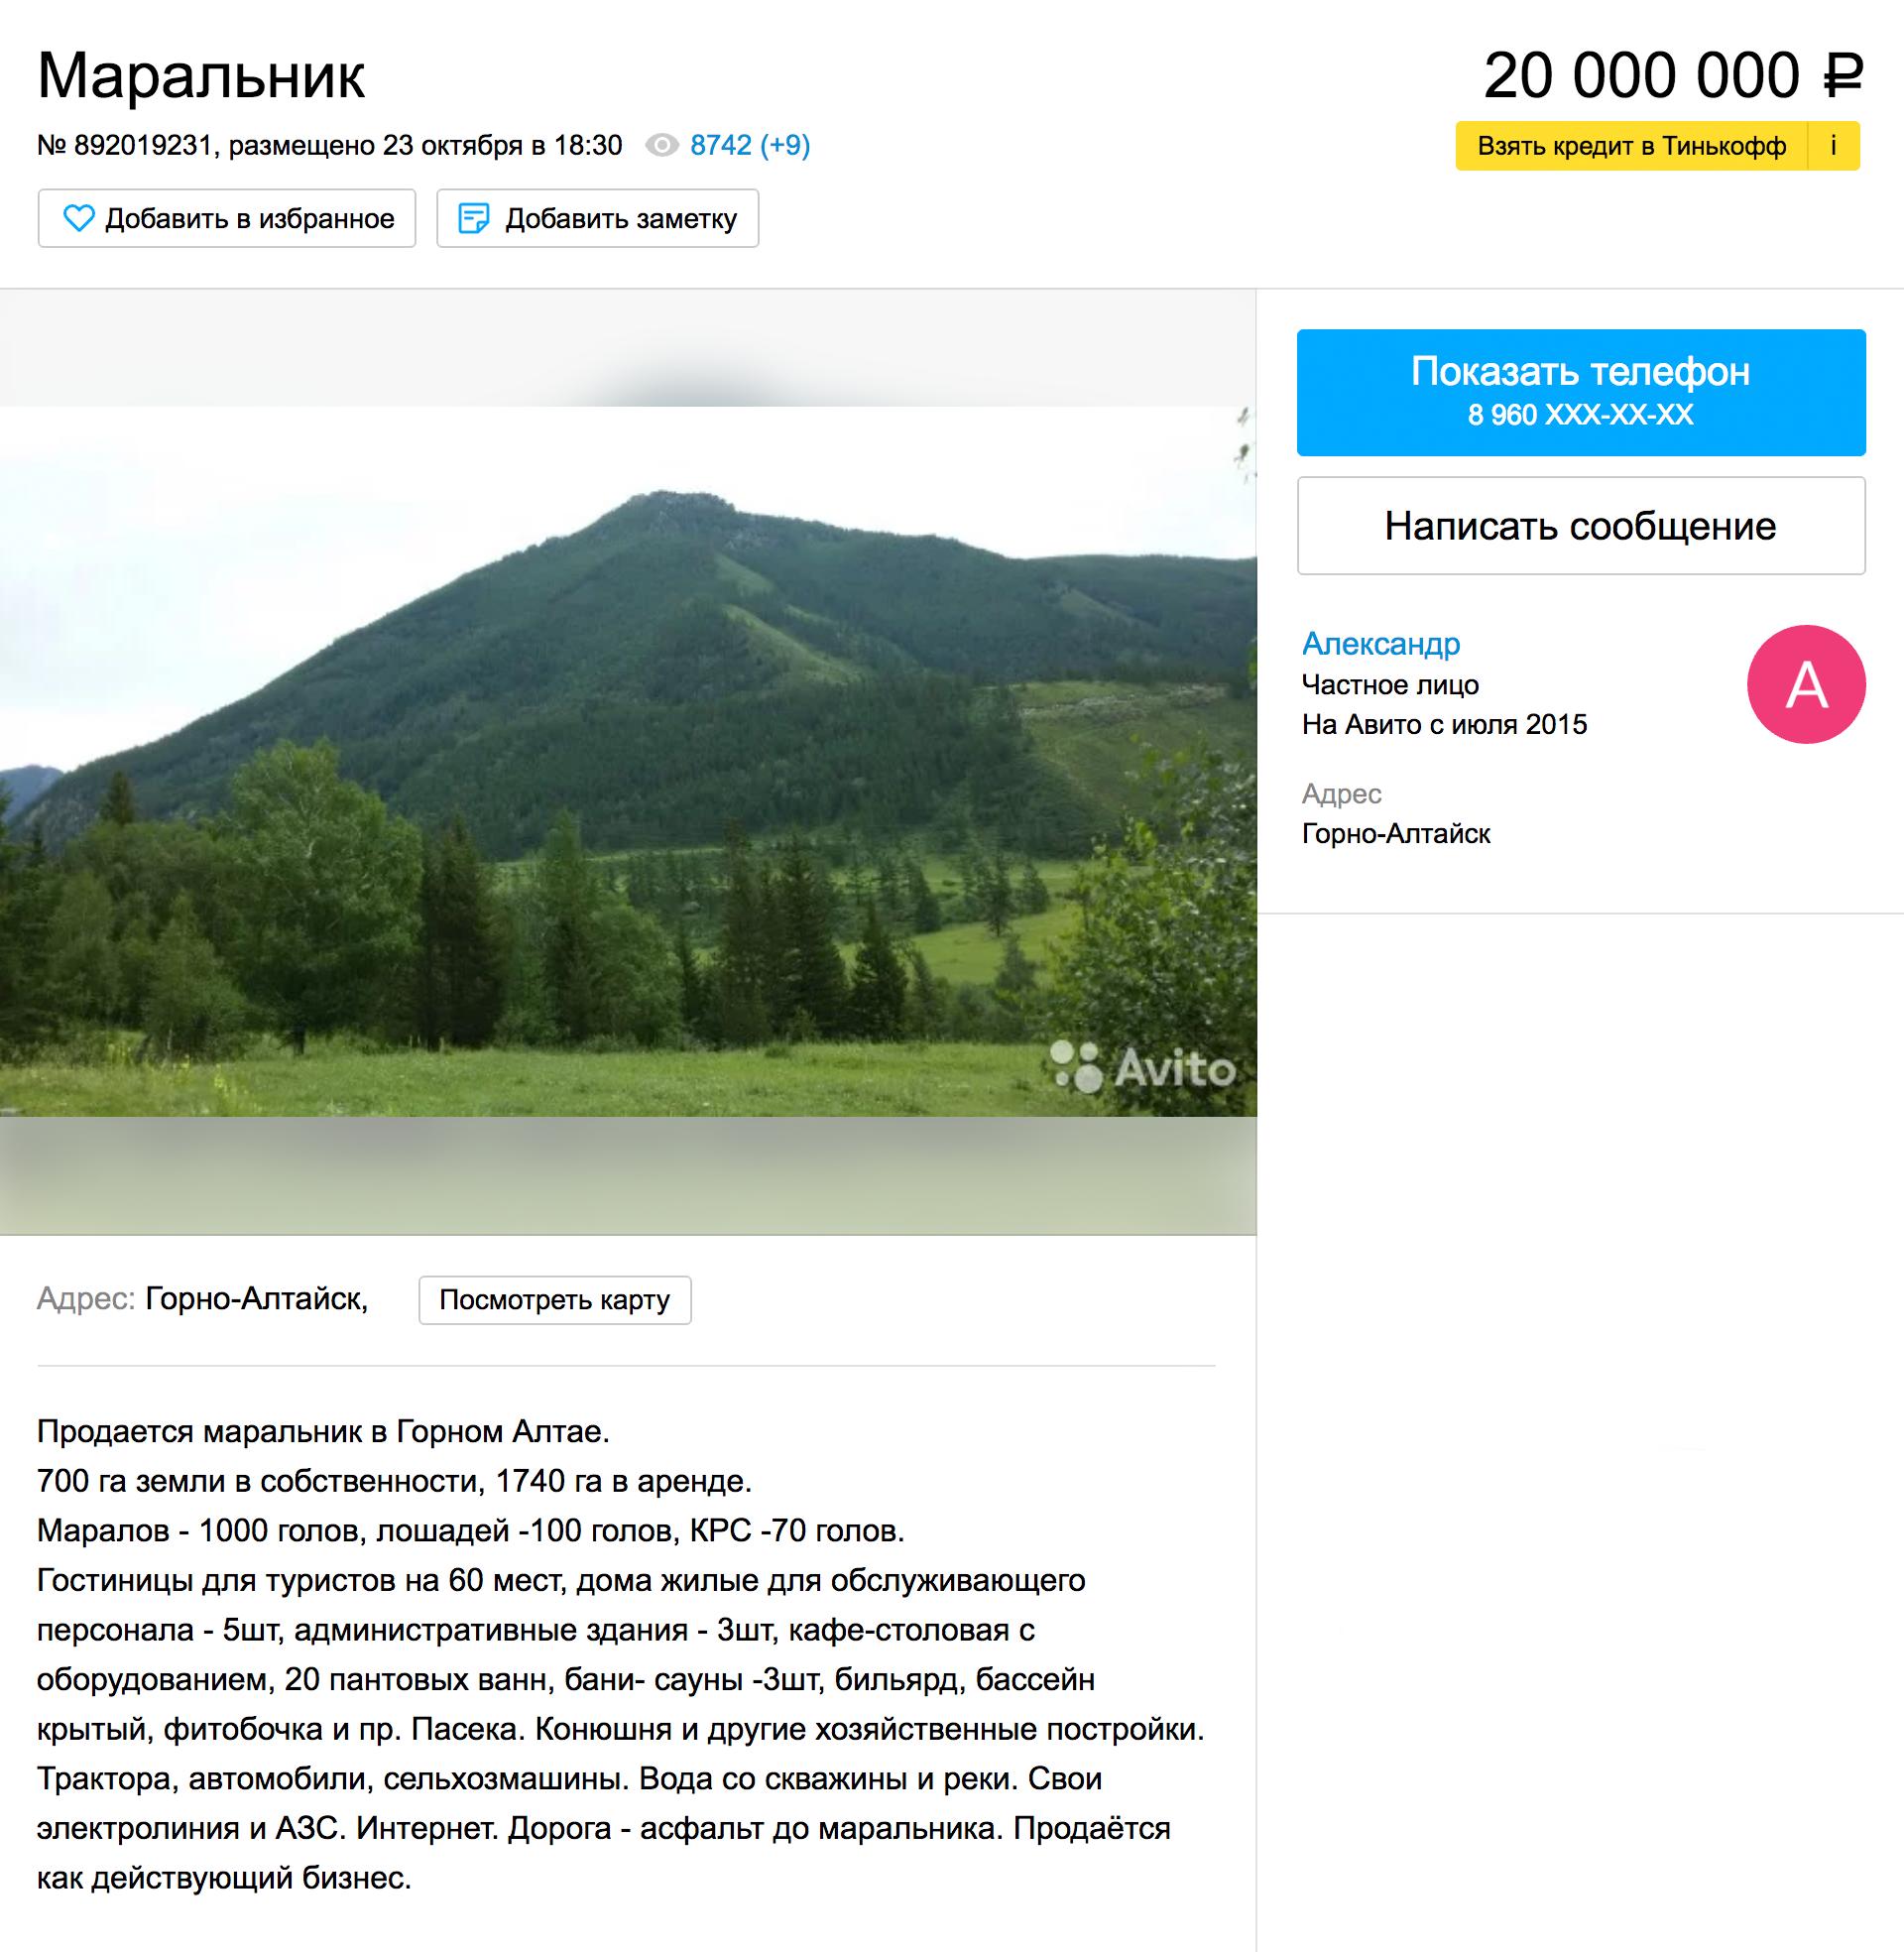 За 20 млн рублей можно купить маральник на Алтае. Марал — вид благородного оленя, рога которого — панты — являются ценным лекарственным средством. Объявление на «Авито»